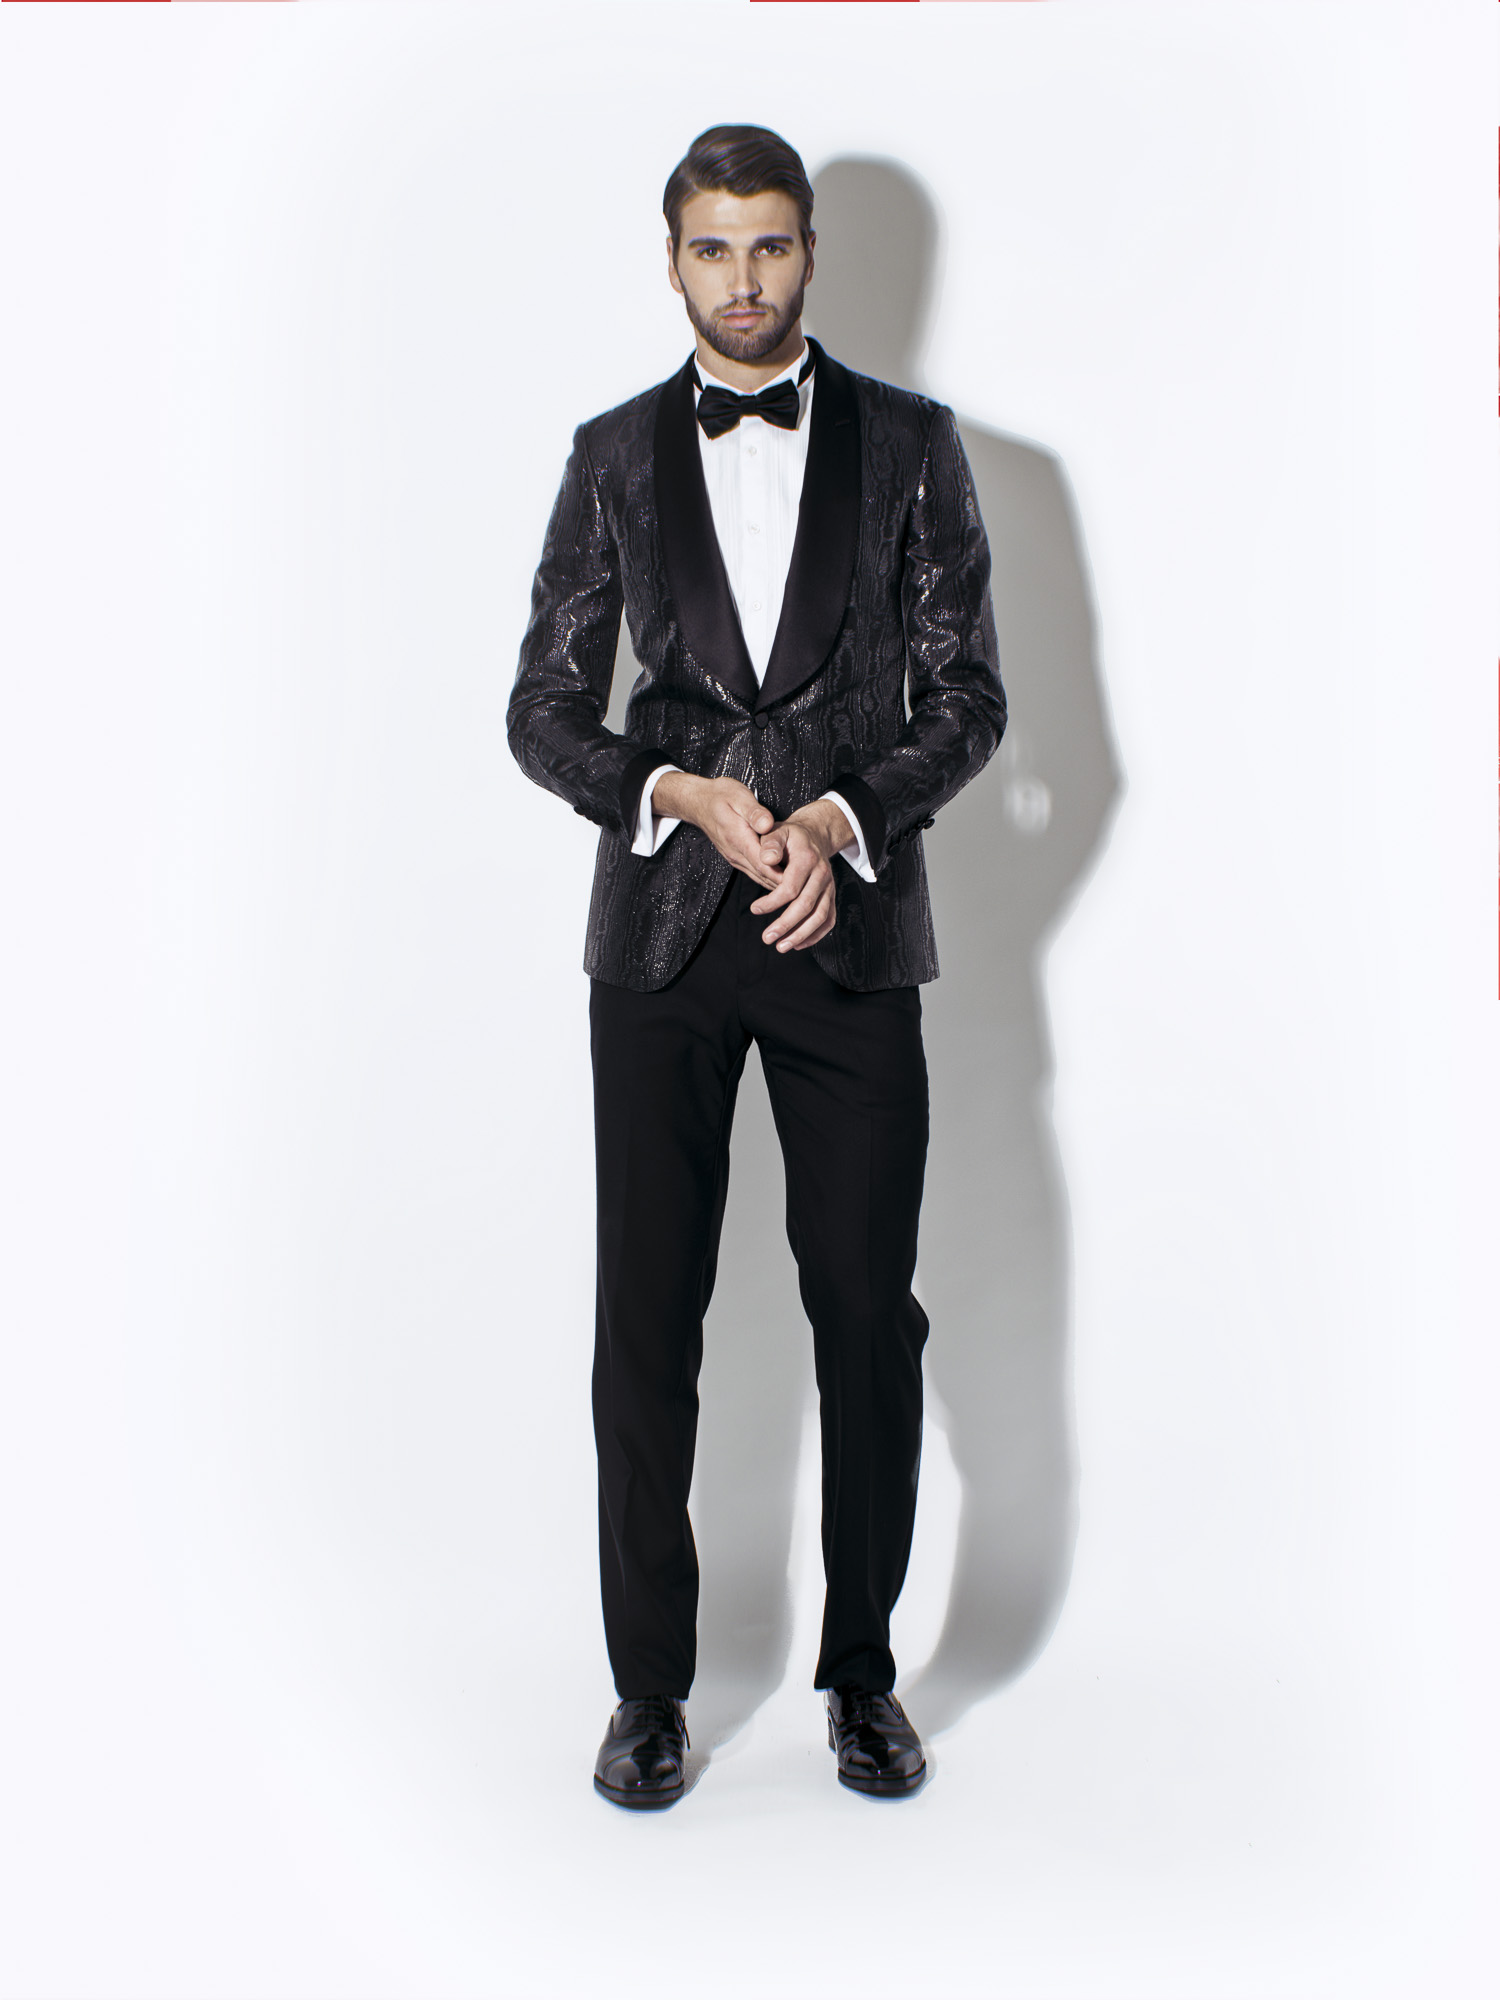 Fashion photography studio singapore services asia photographer photoshoot model jacket deboneire jose jeuland 8